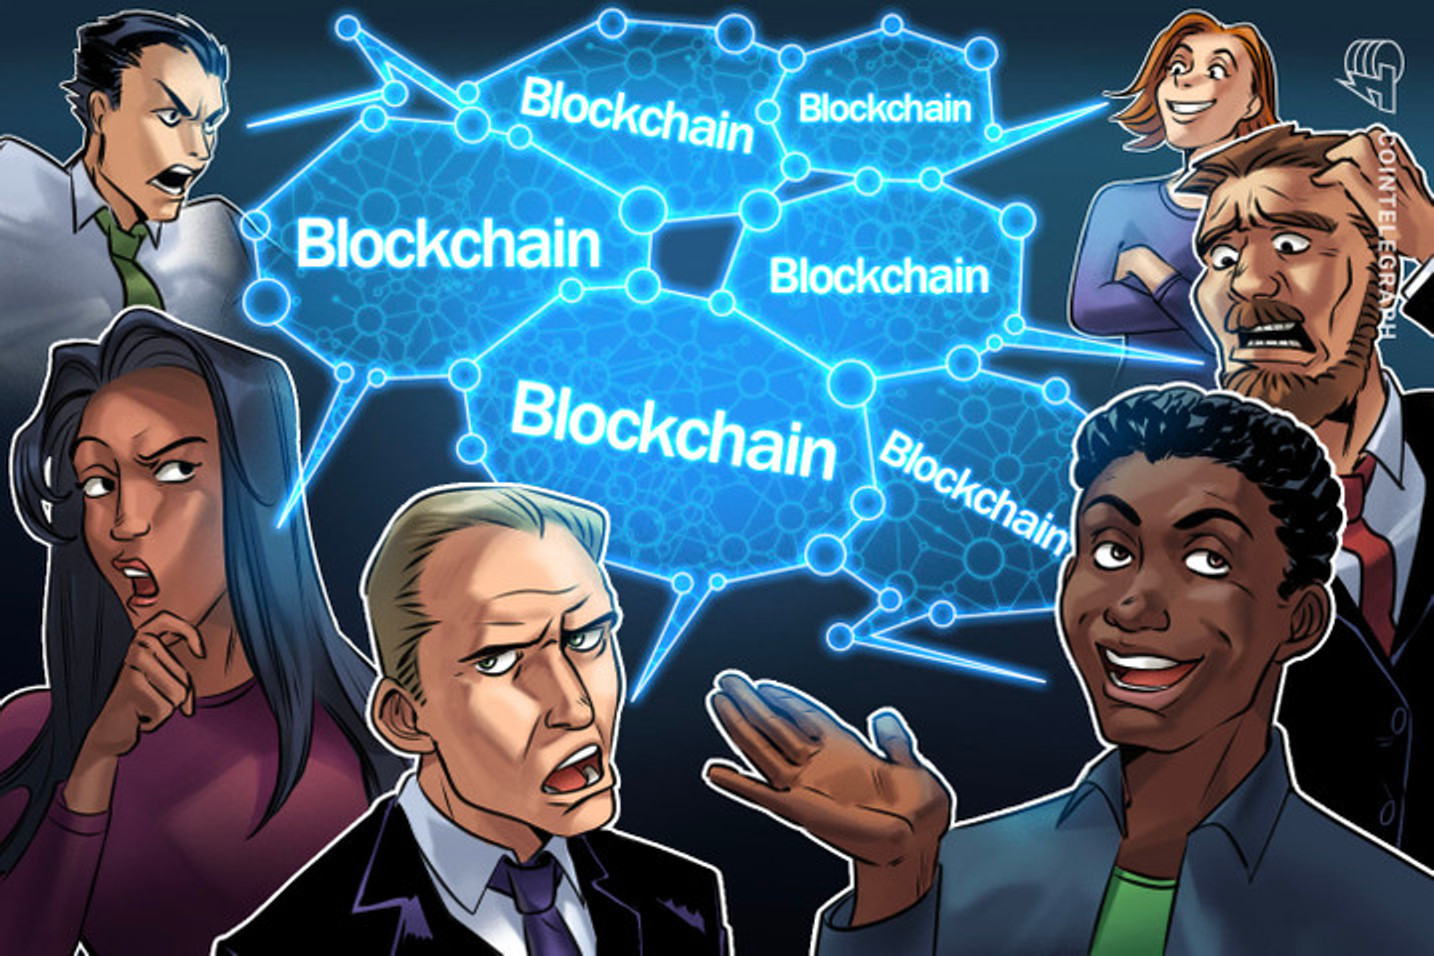 Con importante convocatoria, hoy arrancó Blockchain Summit Latam 2020 en formato virtual